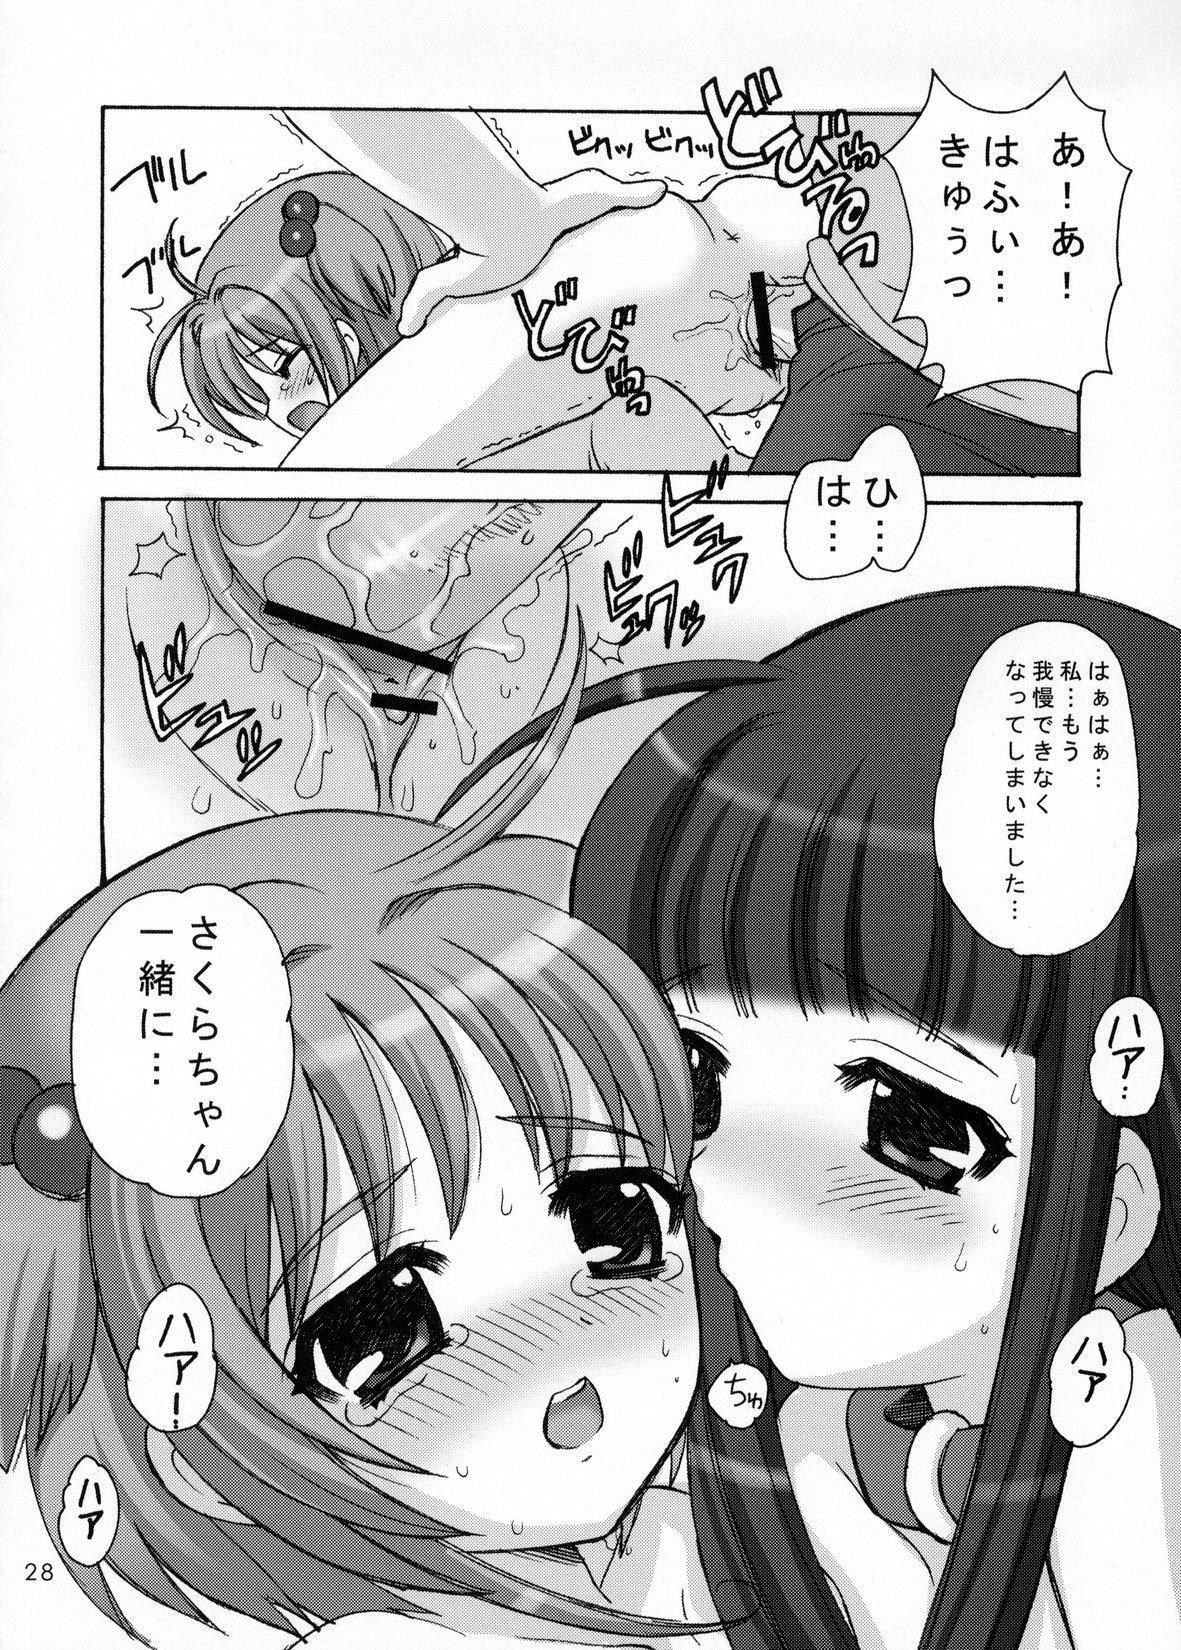 Sakura Maniac 2 26